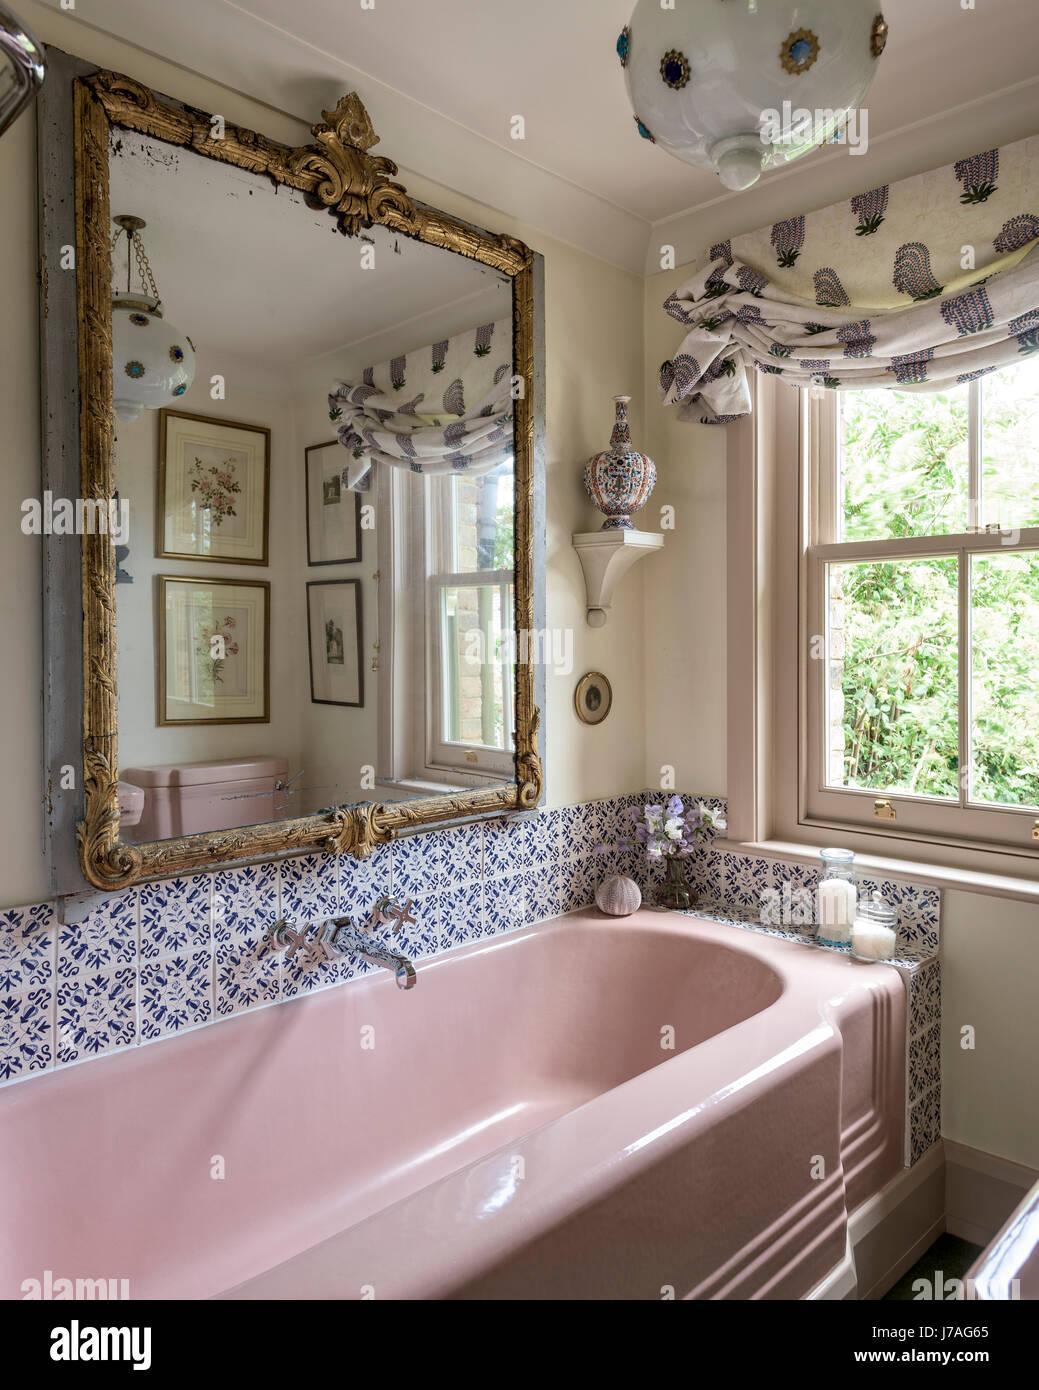 Baignoire en fonte émaillée rose et du bassin dans la salle ...